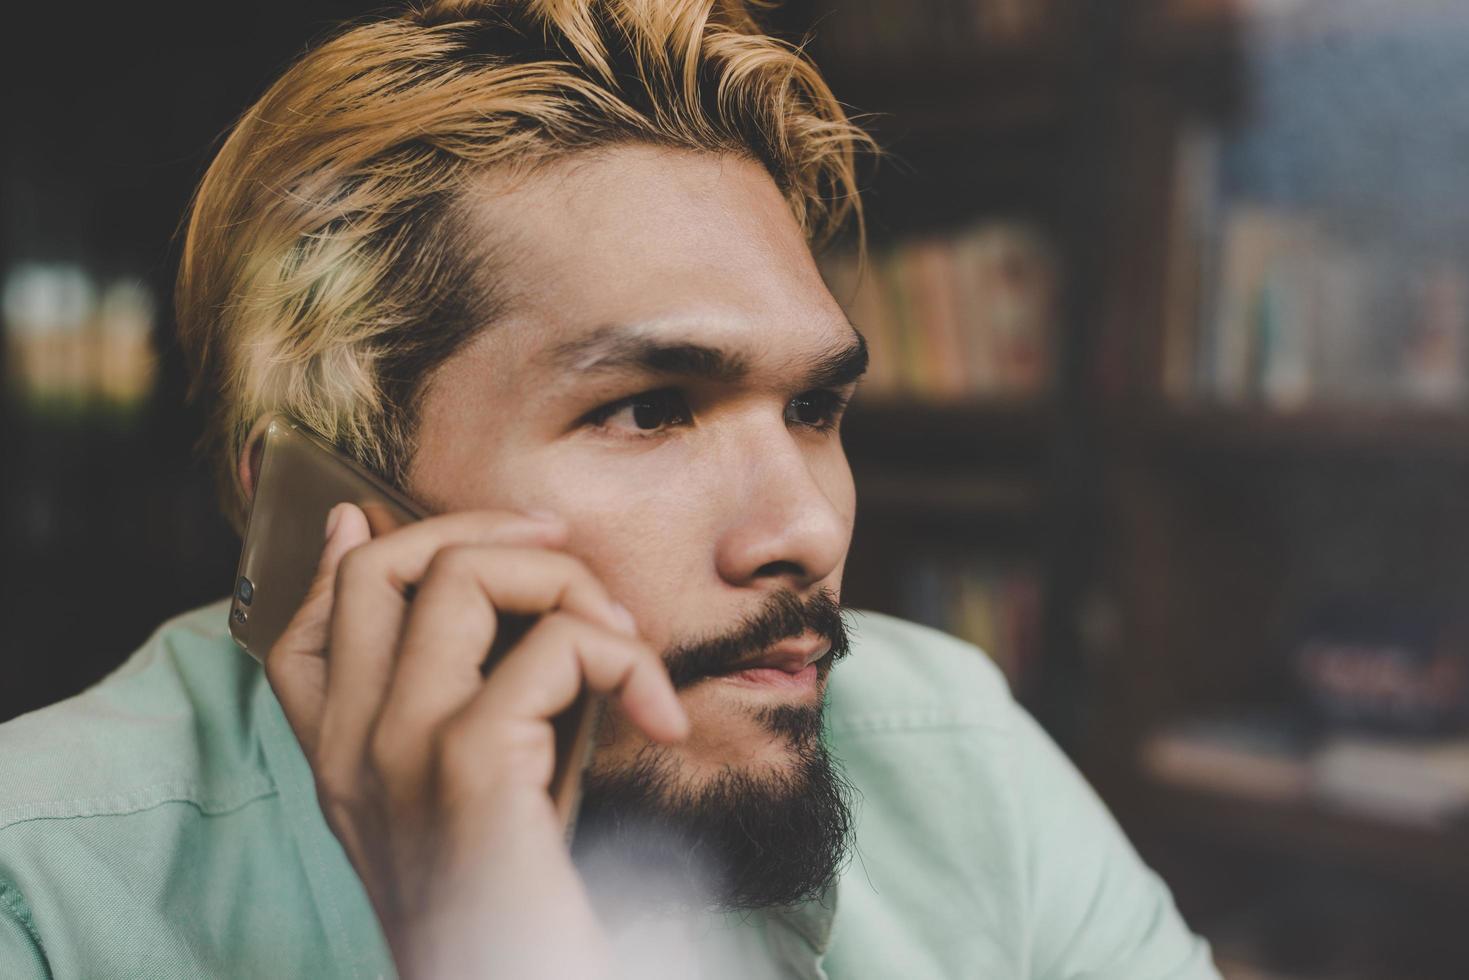 empresario hipster hablando por teléfono inteligente en el bar cafetería foto